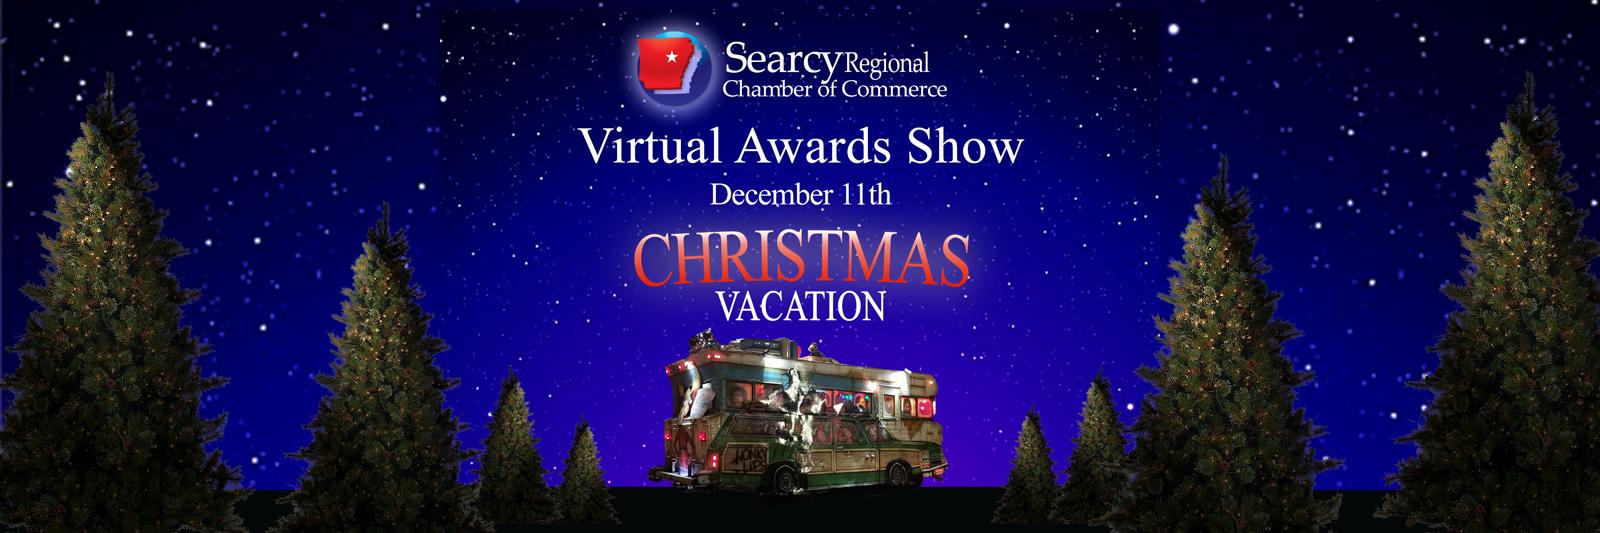 Awards-show-banner.jpg